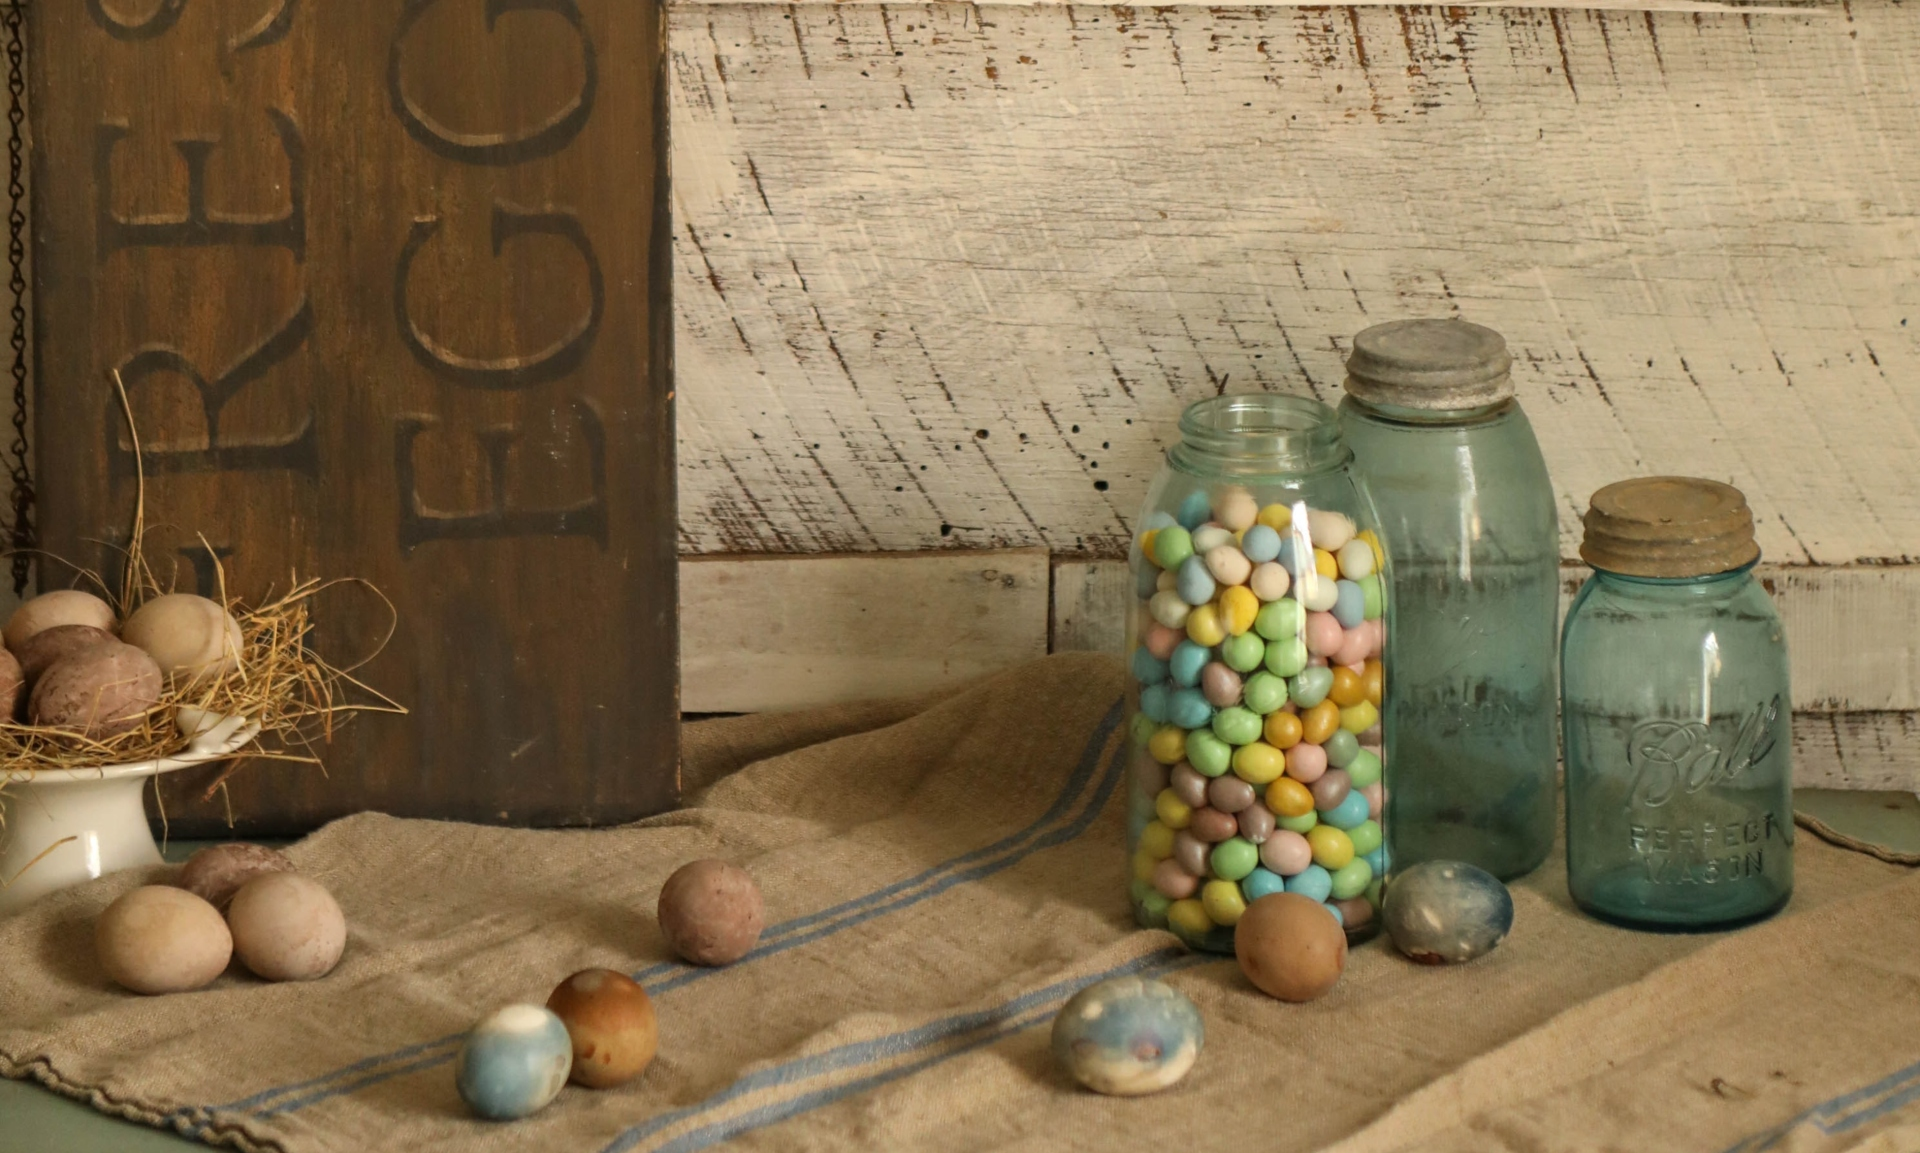 Töltsd meg színes cukrokkal az üveget